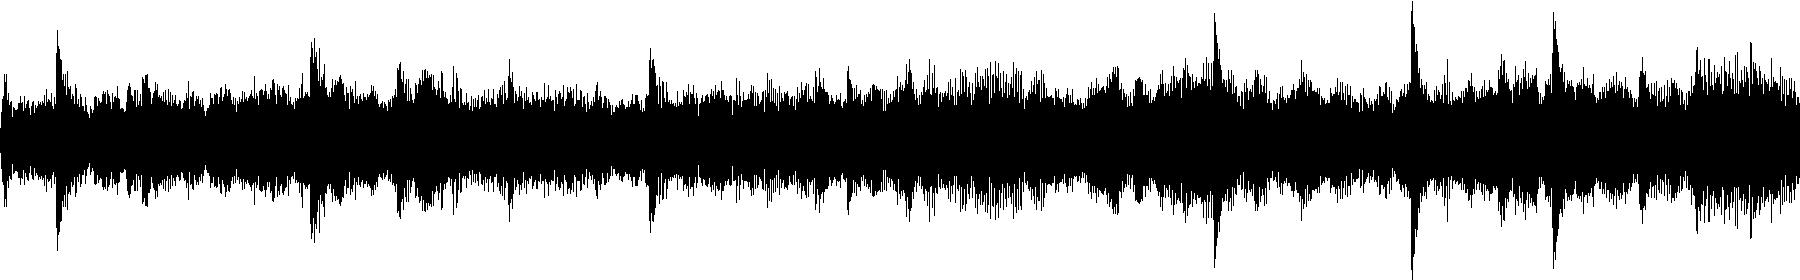 vedh melodyloop 006 cm b f gm 124bpm